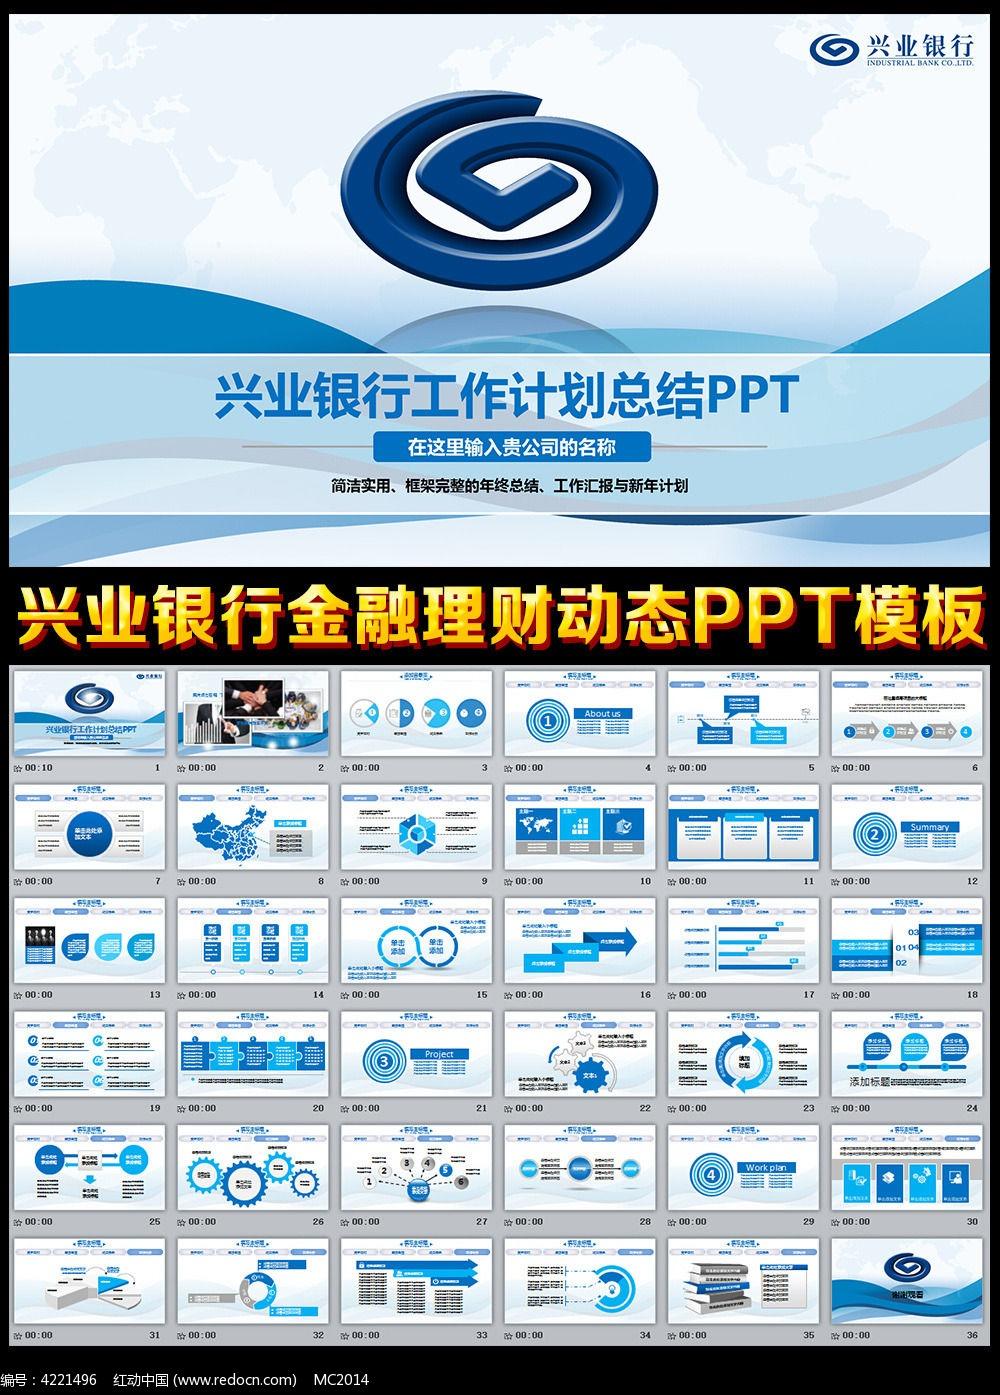 兴业银行金融理财动态ppt_ppt模板/ppt背景图片图片